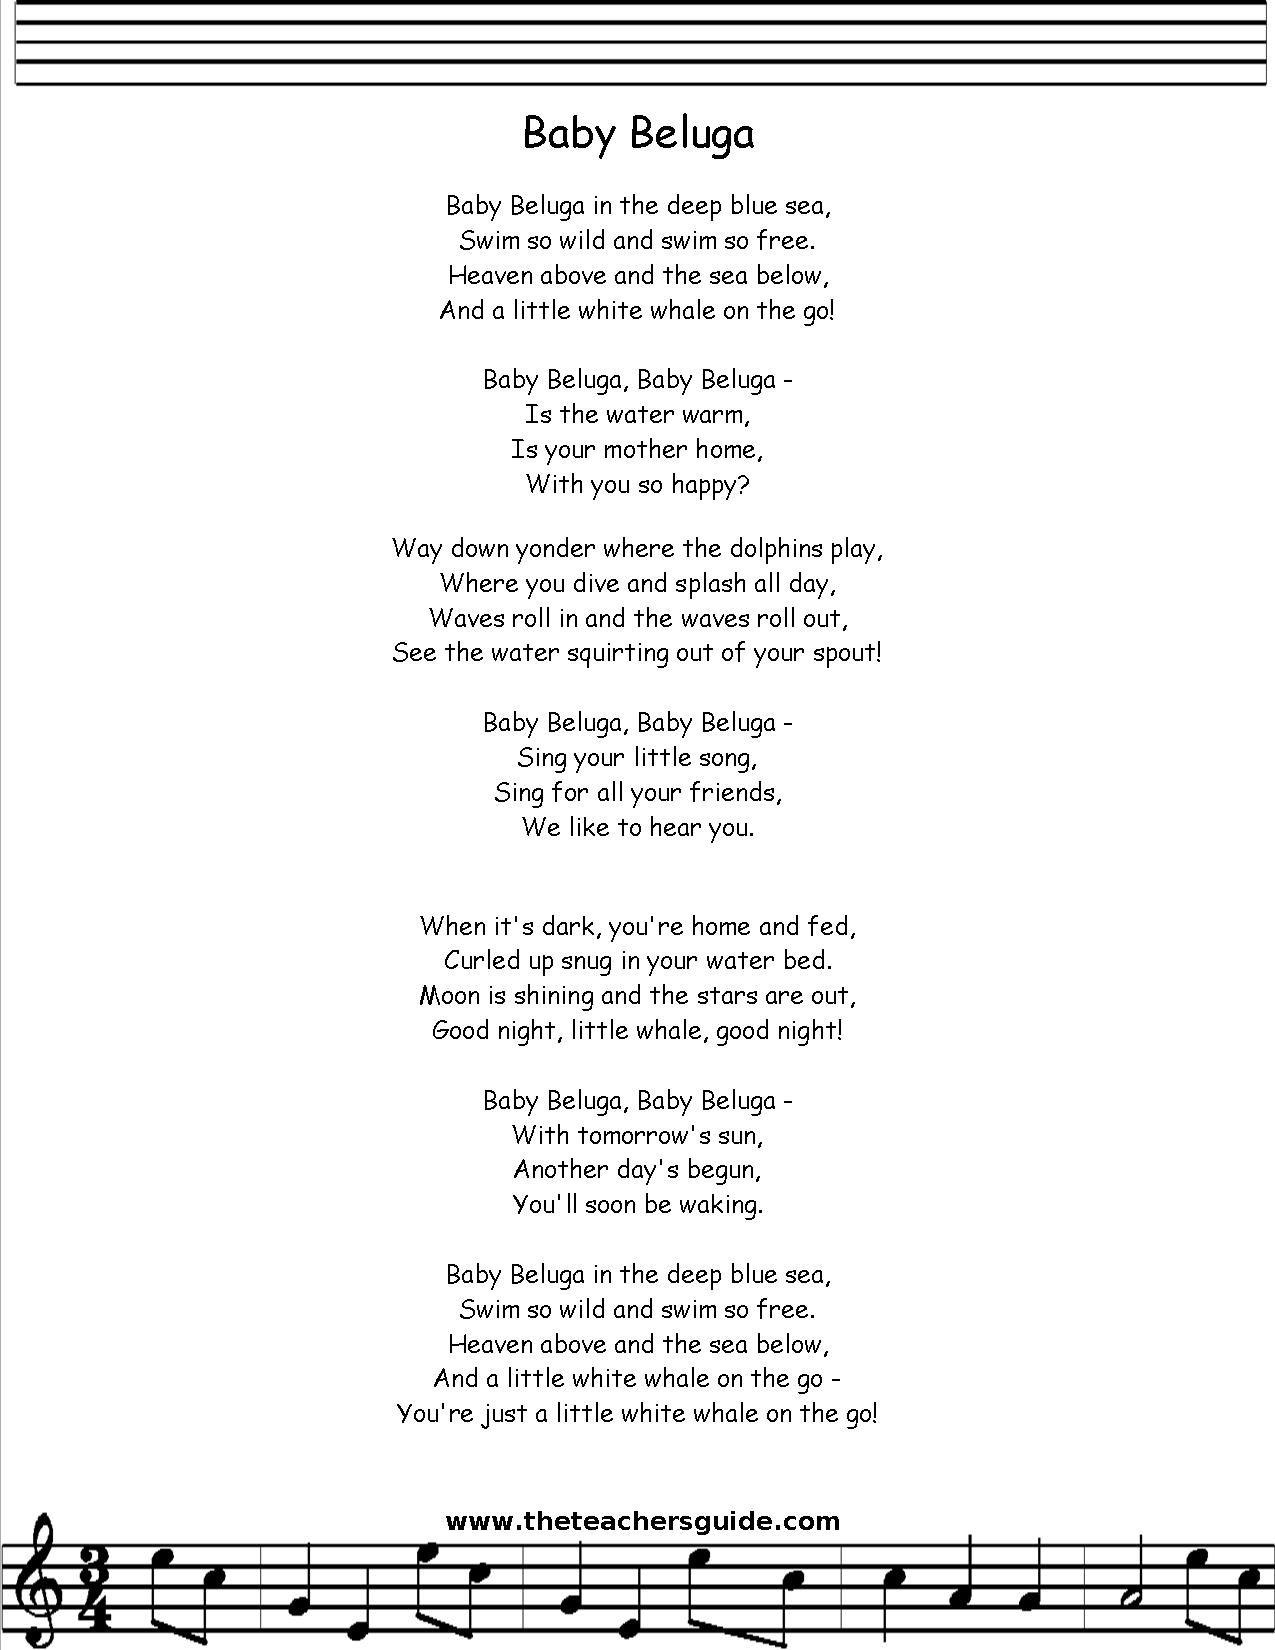 Baby Beluga Song Lyrics